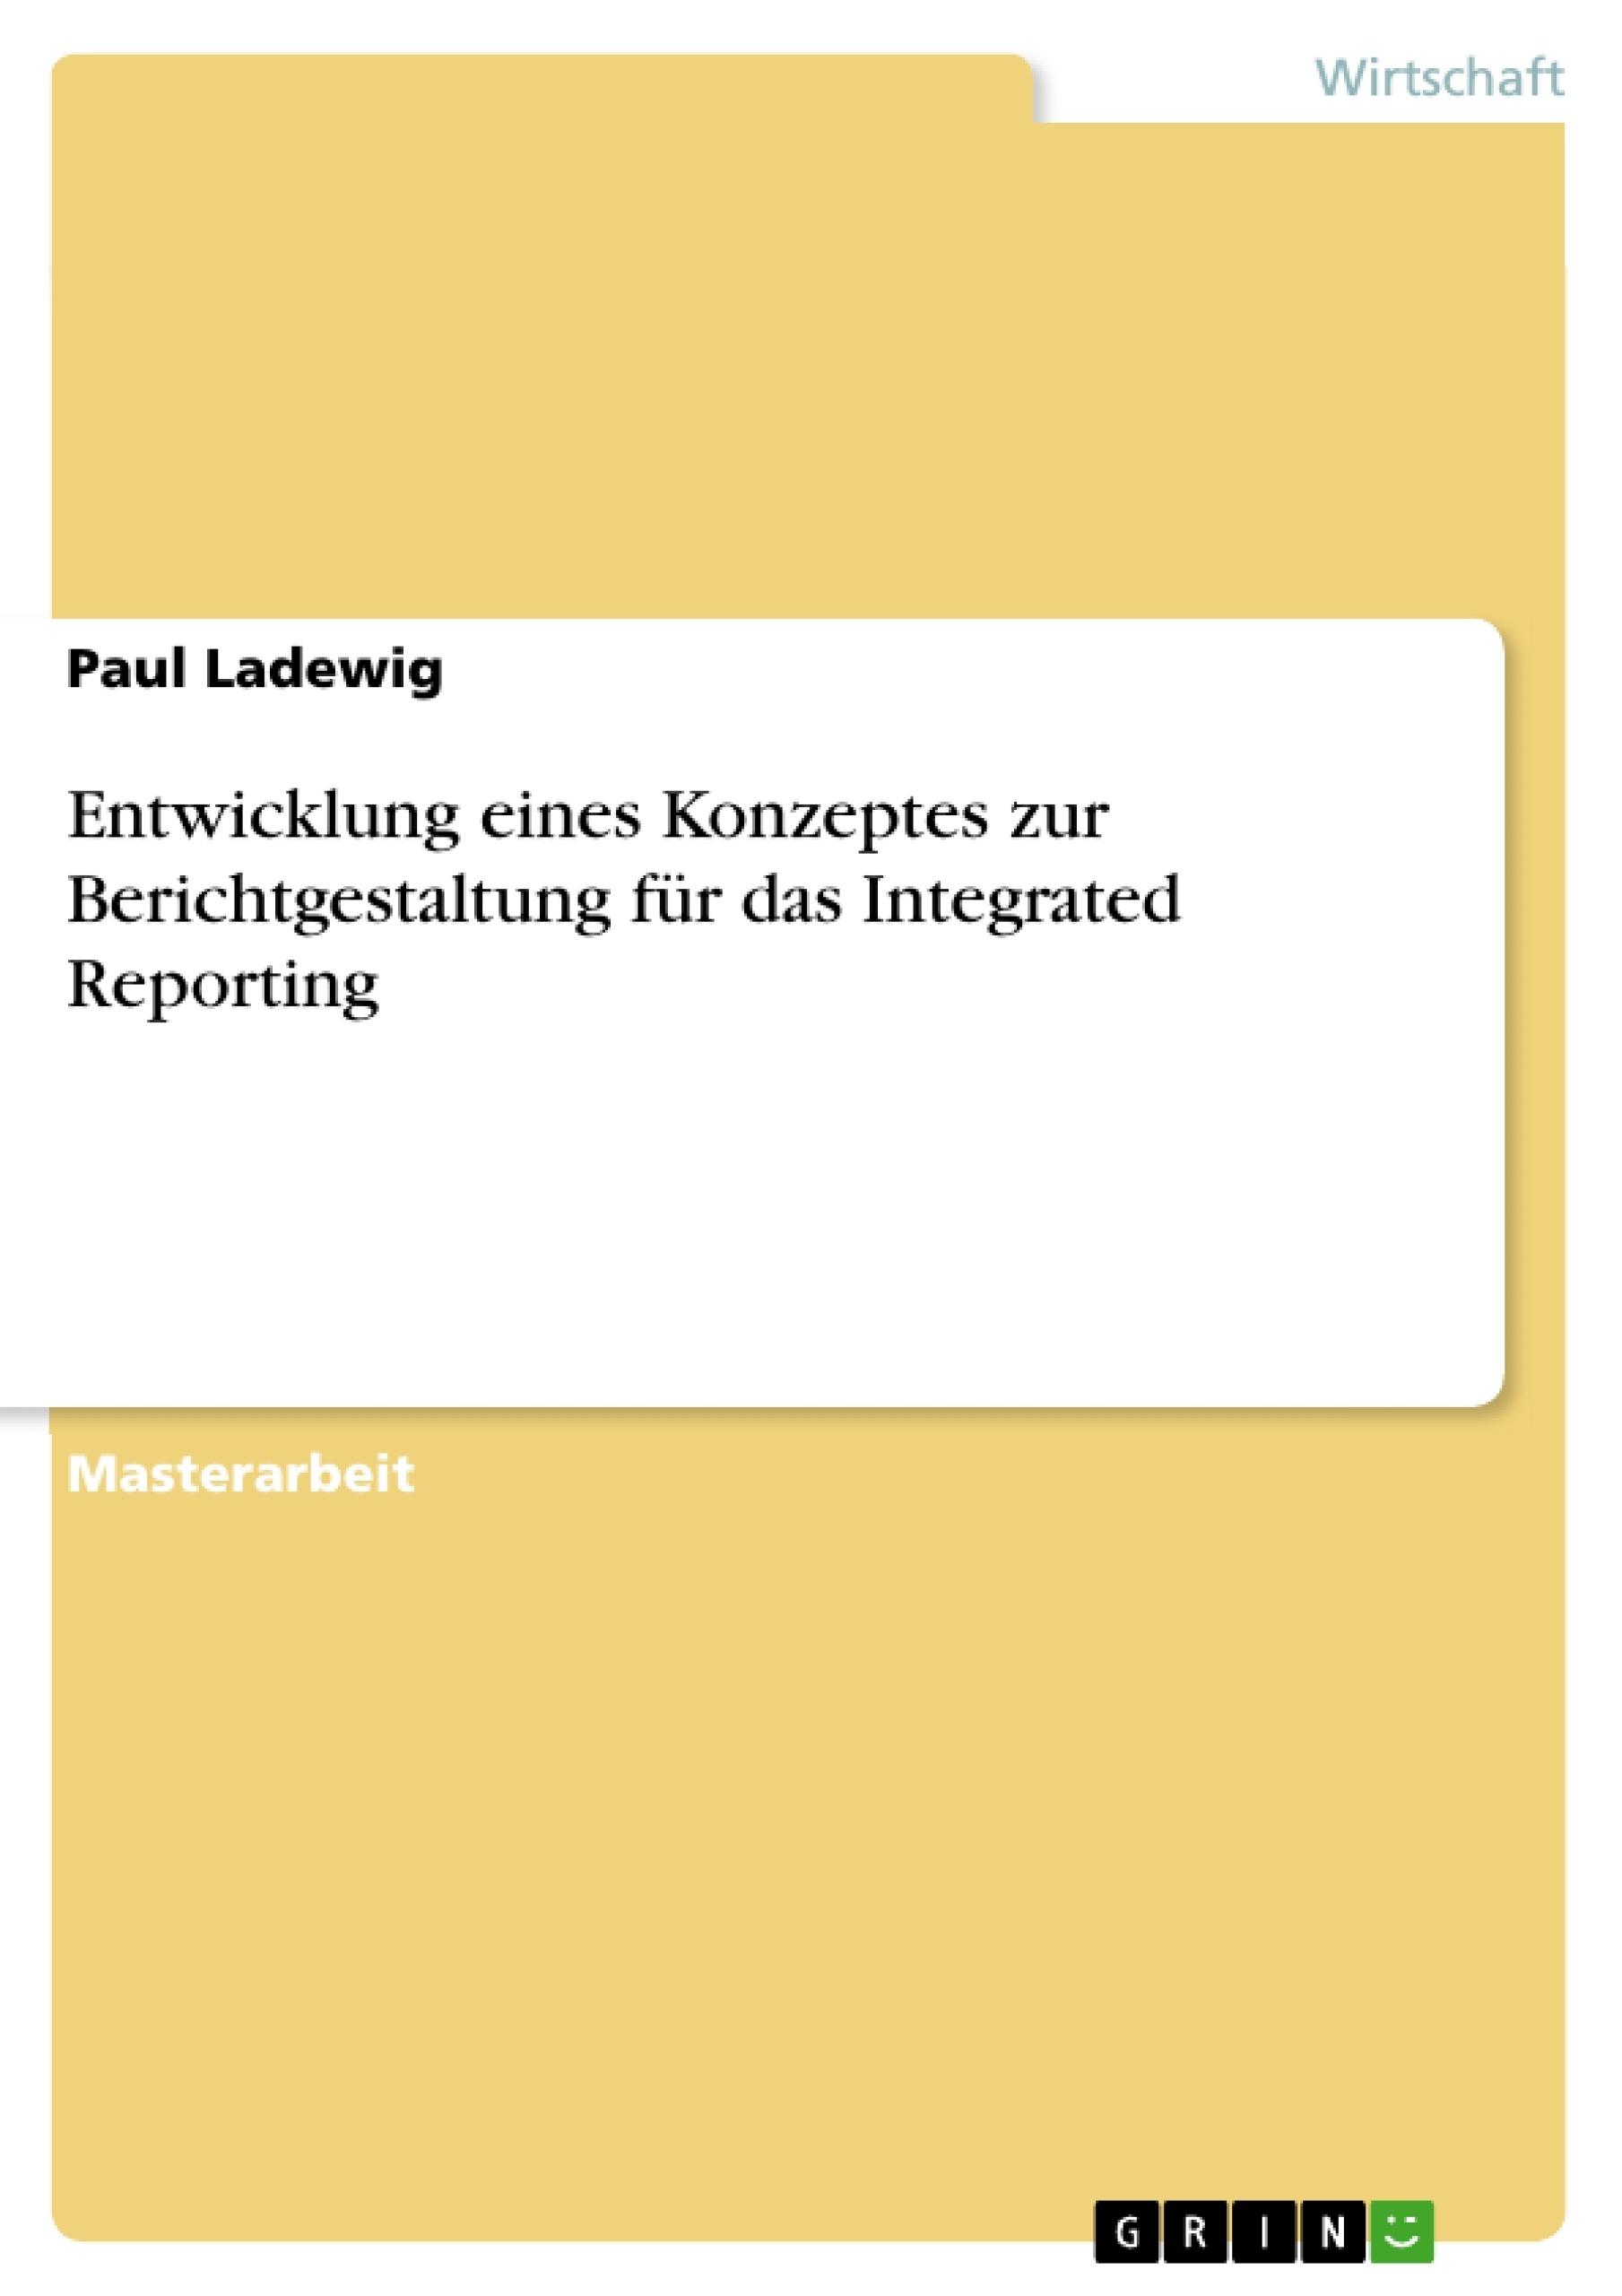 Titel: Entwicklung eines Konzeptes zur Berichtgestaltung für das Integrated Reporting